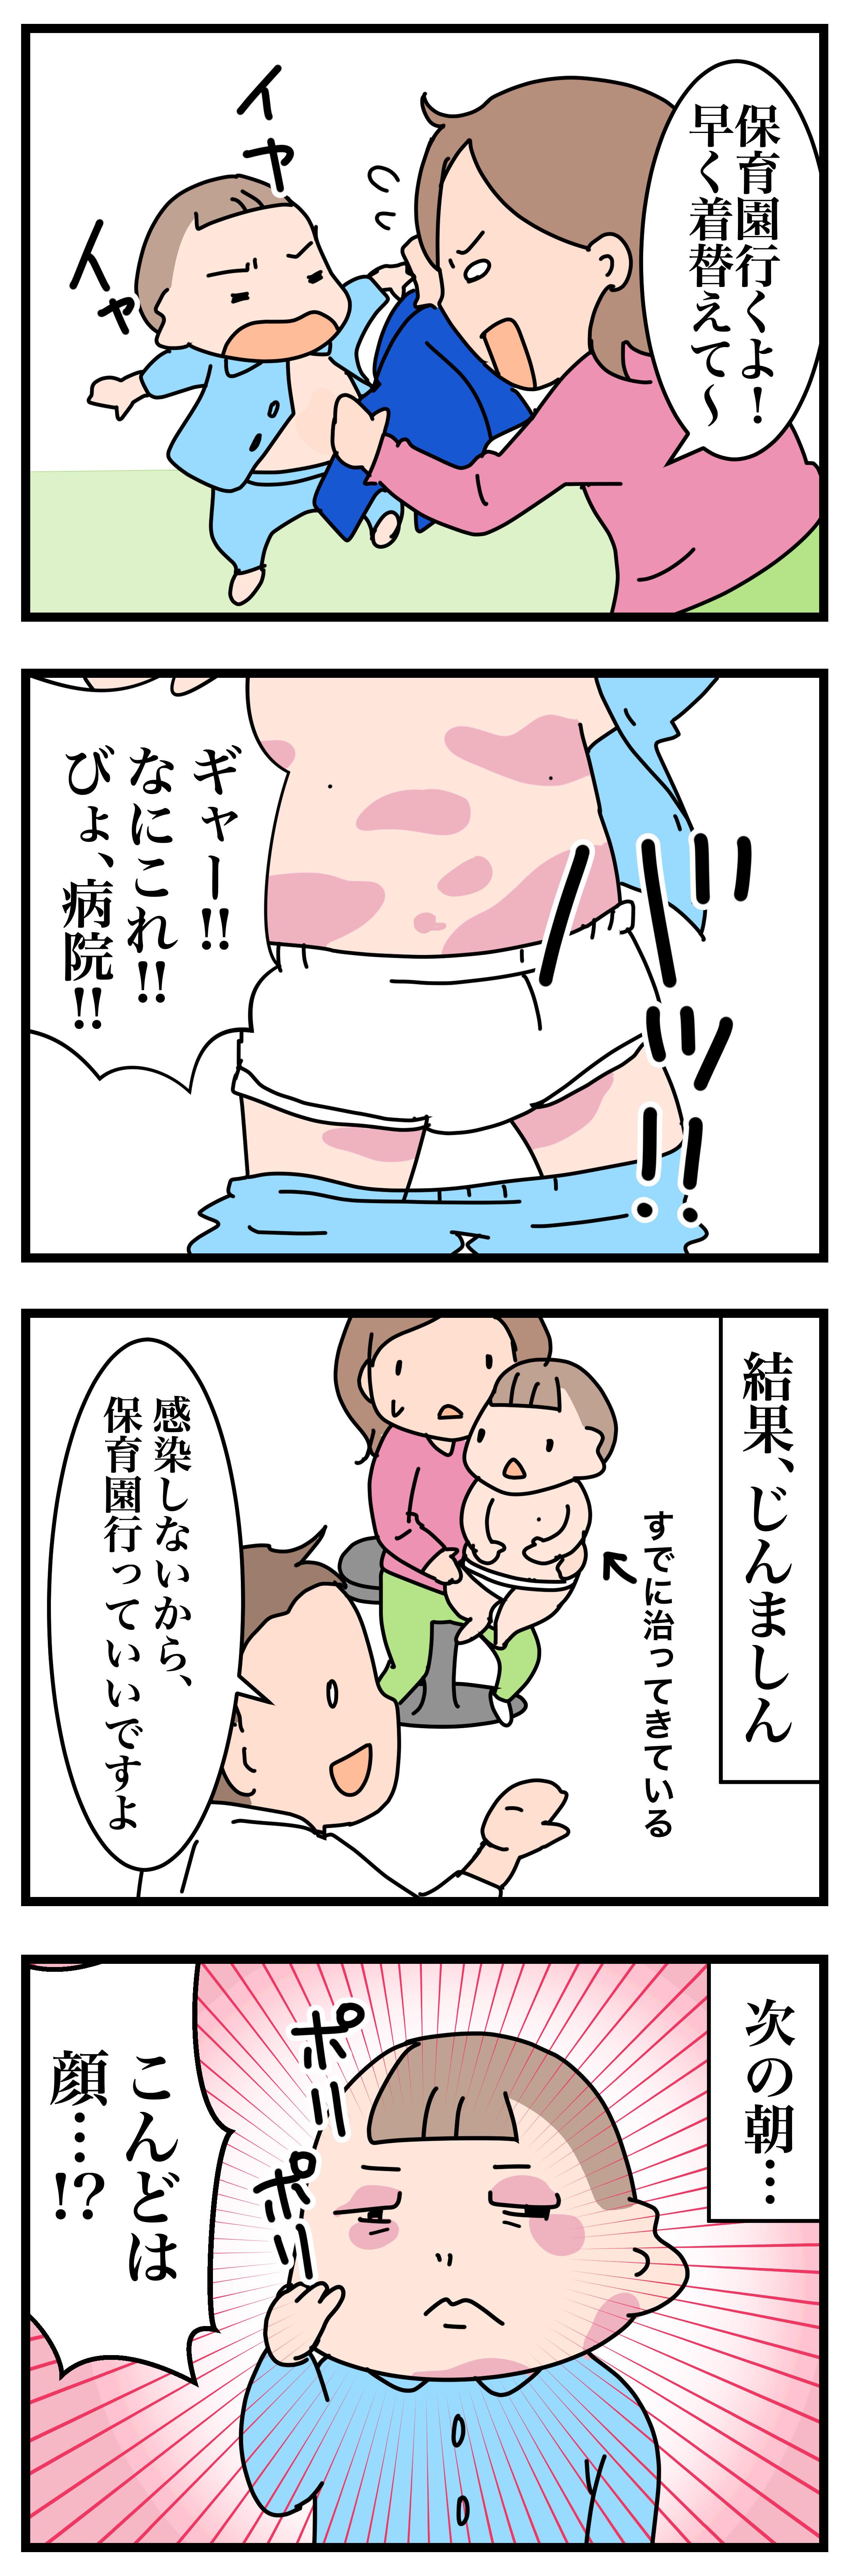 子どもの肌に突然できた赤いブツブツは何?すぐに消える発疹はじんましんかもの画像1